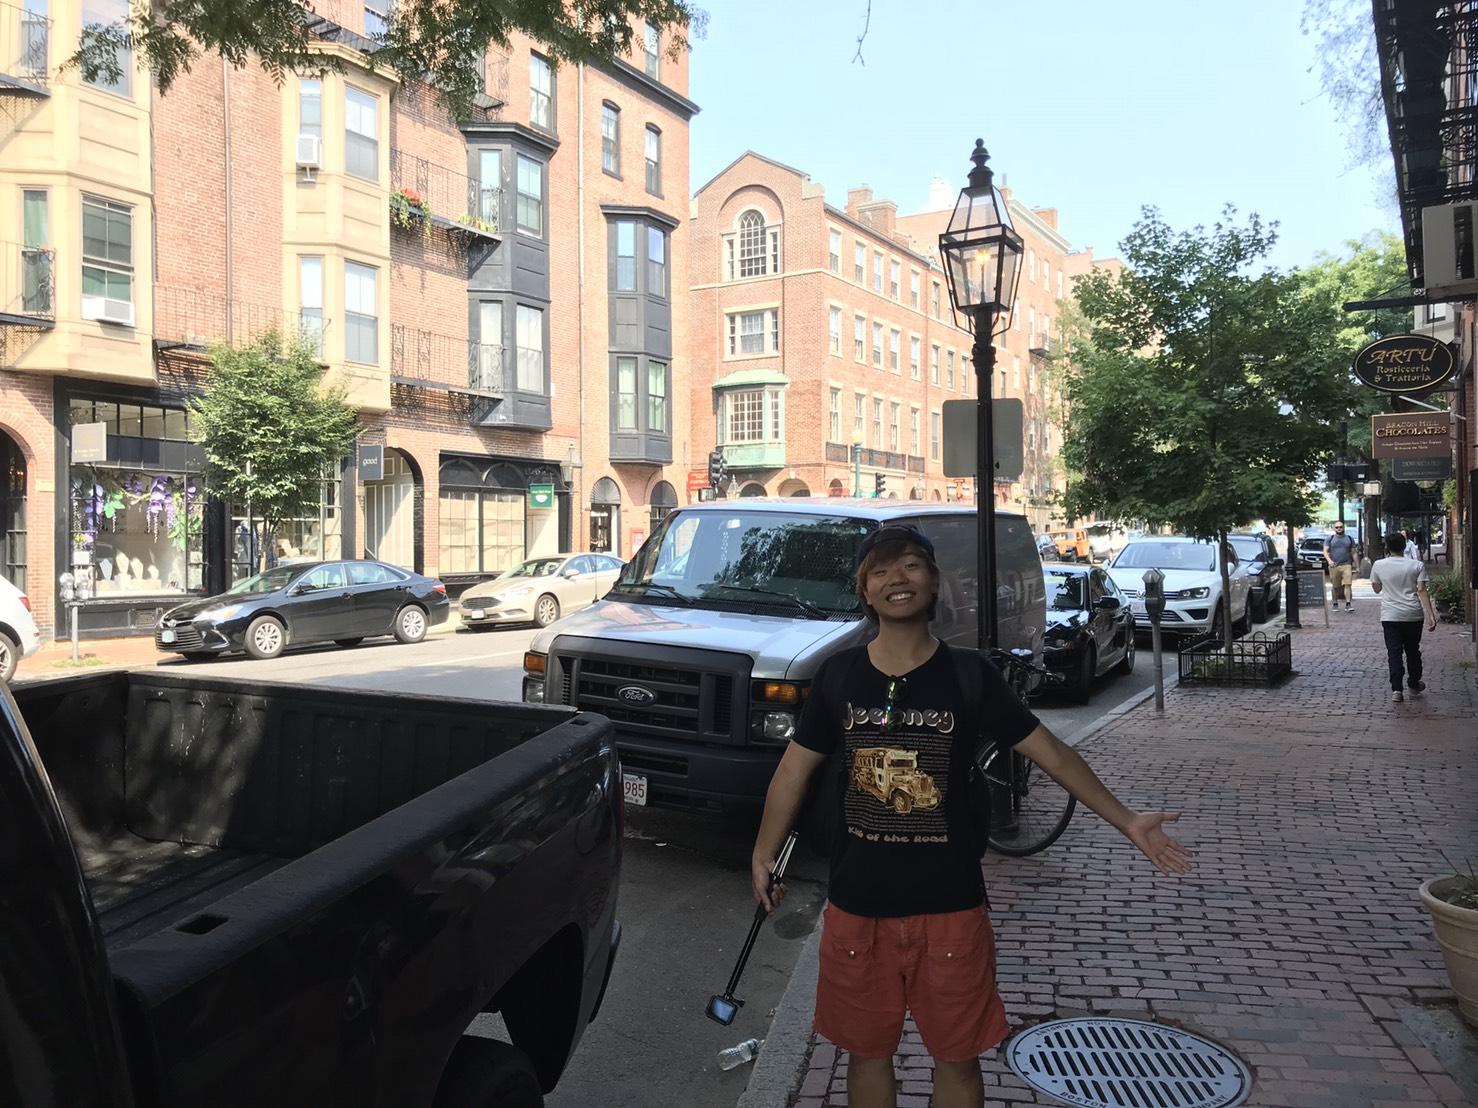 アメリカ横断中にボストンの町に行った写真